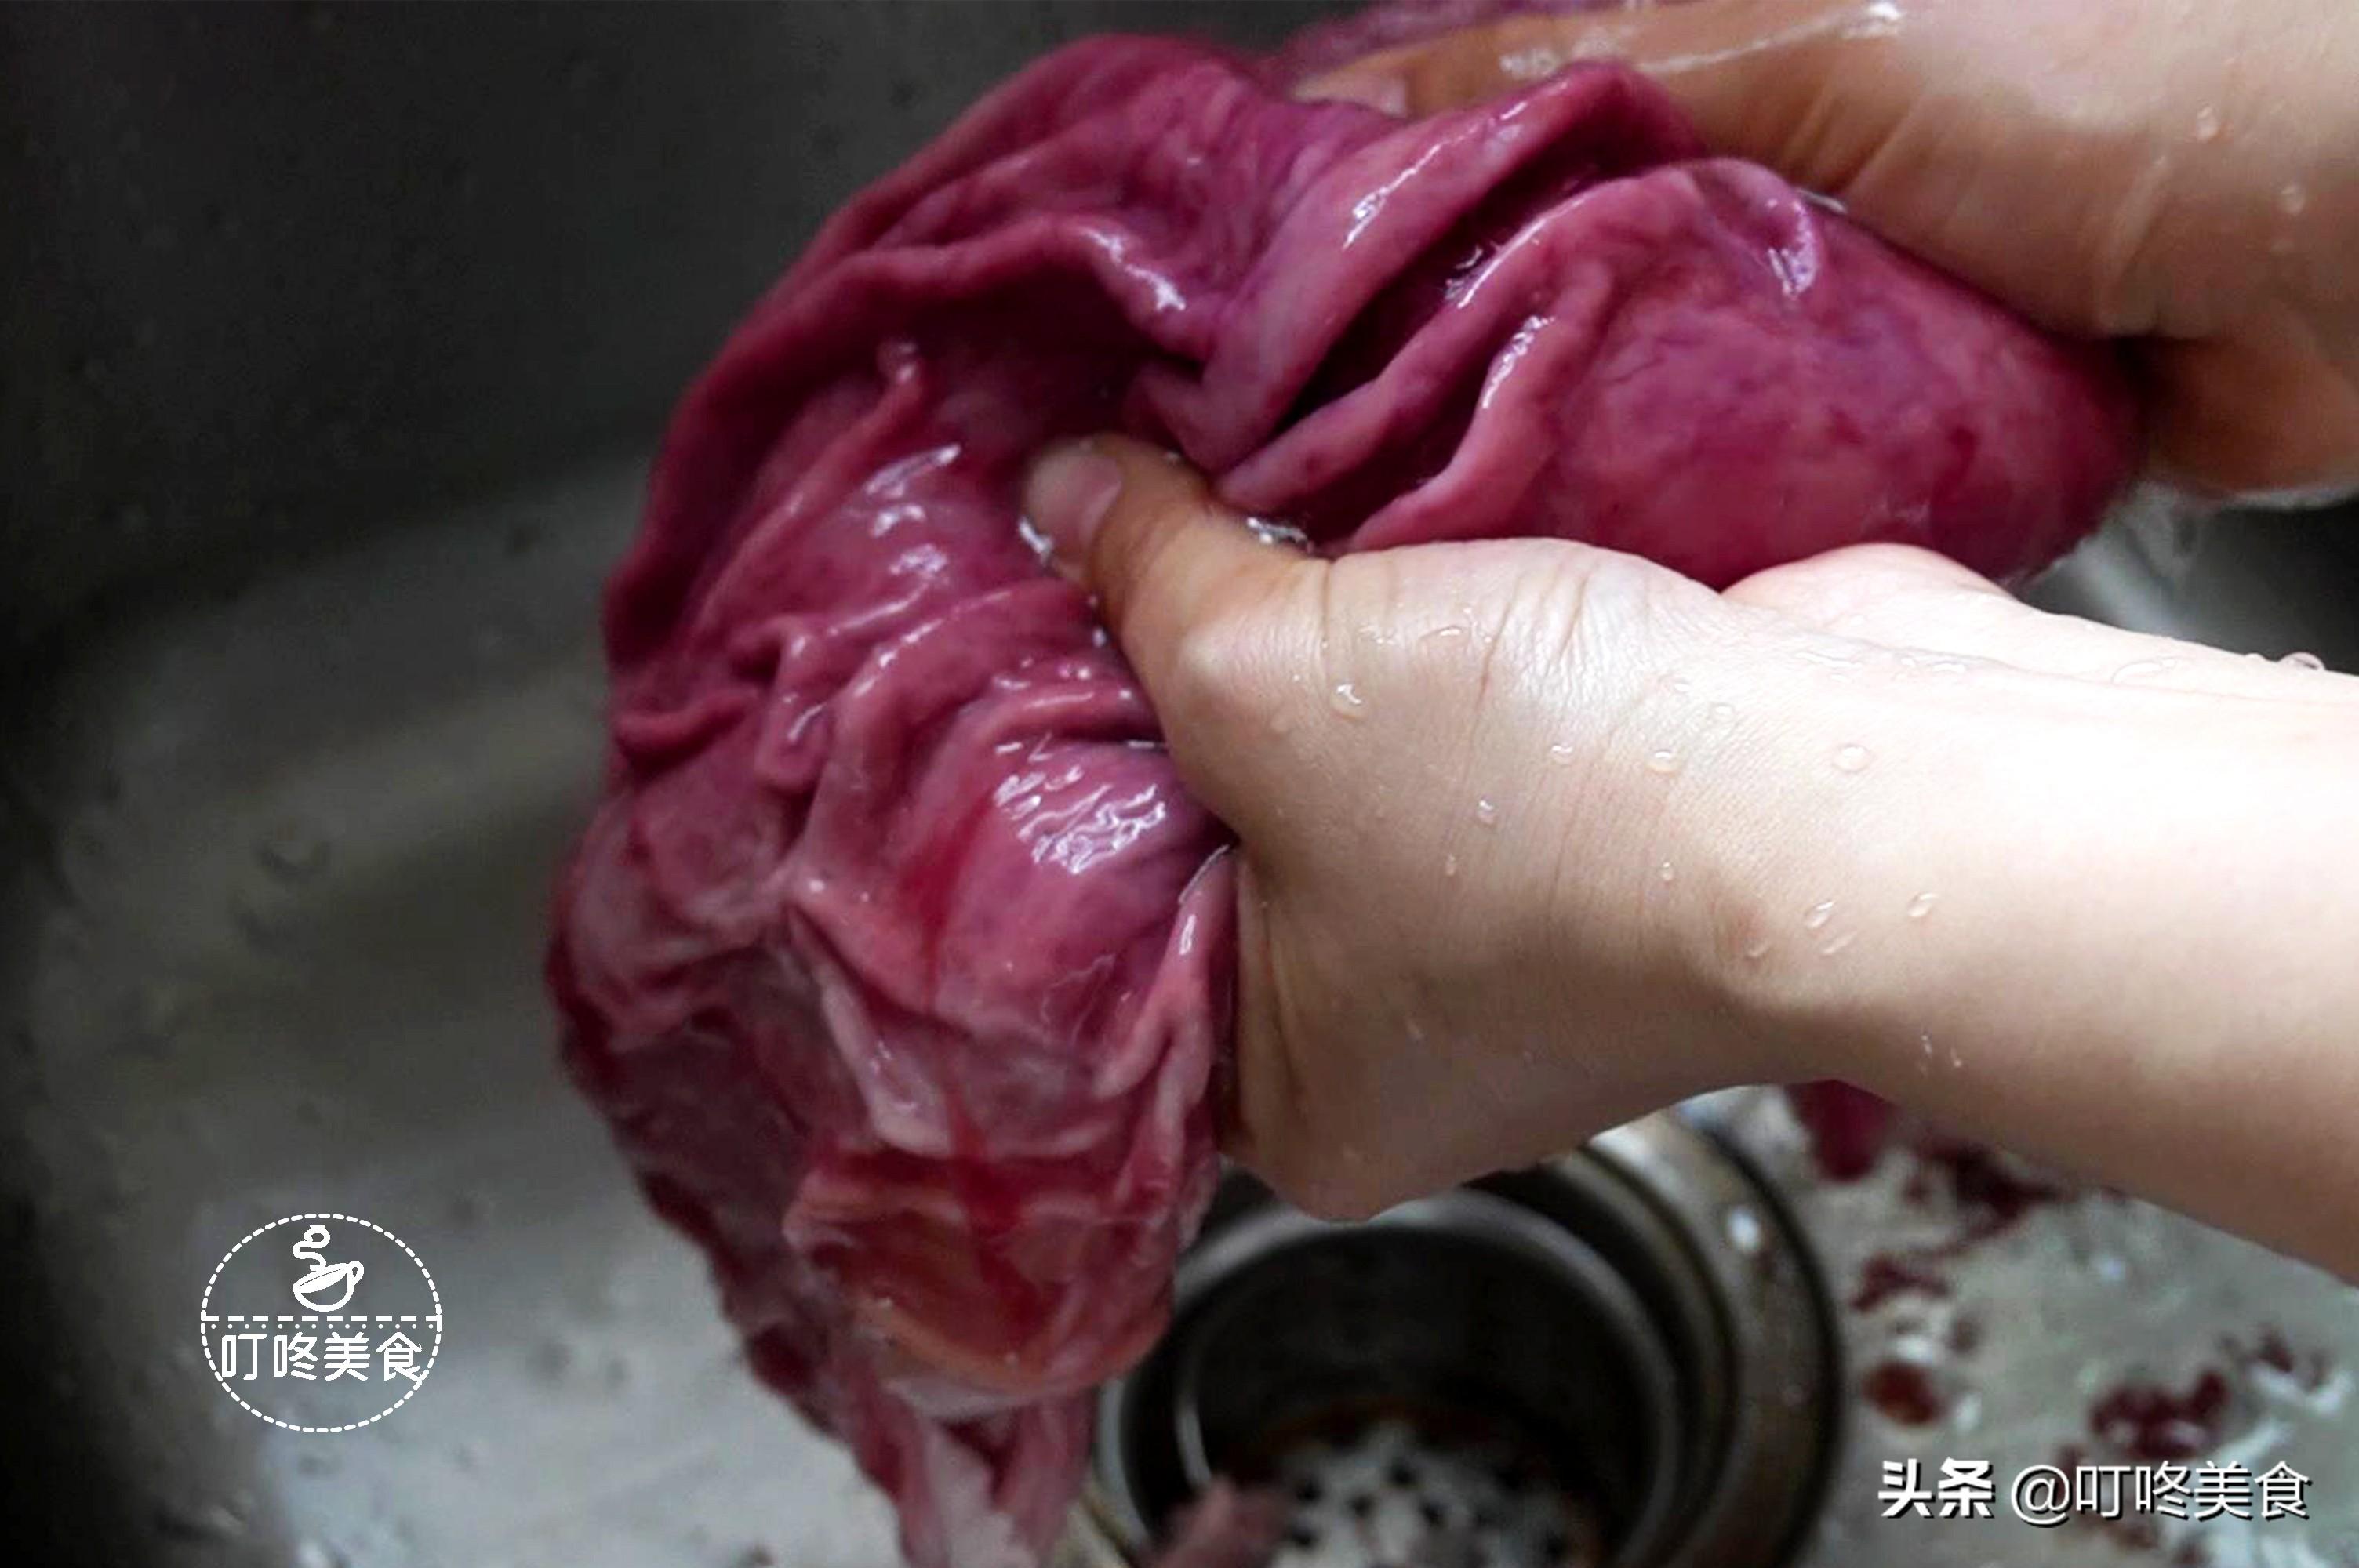 無論洗豬肚還是豬大腸,都別加鹽洗了,用這2樣,輕鬆洗淨除羶味